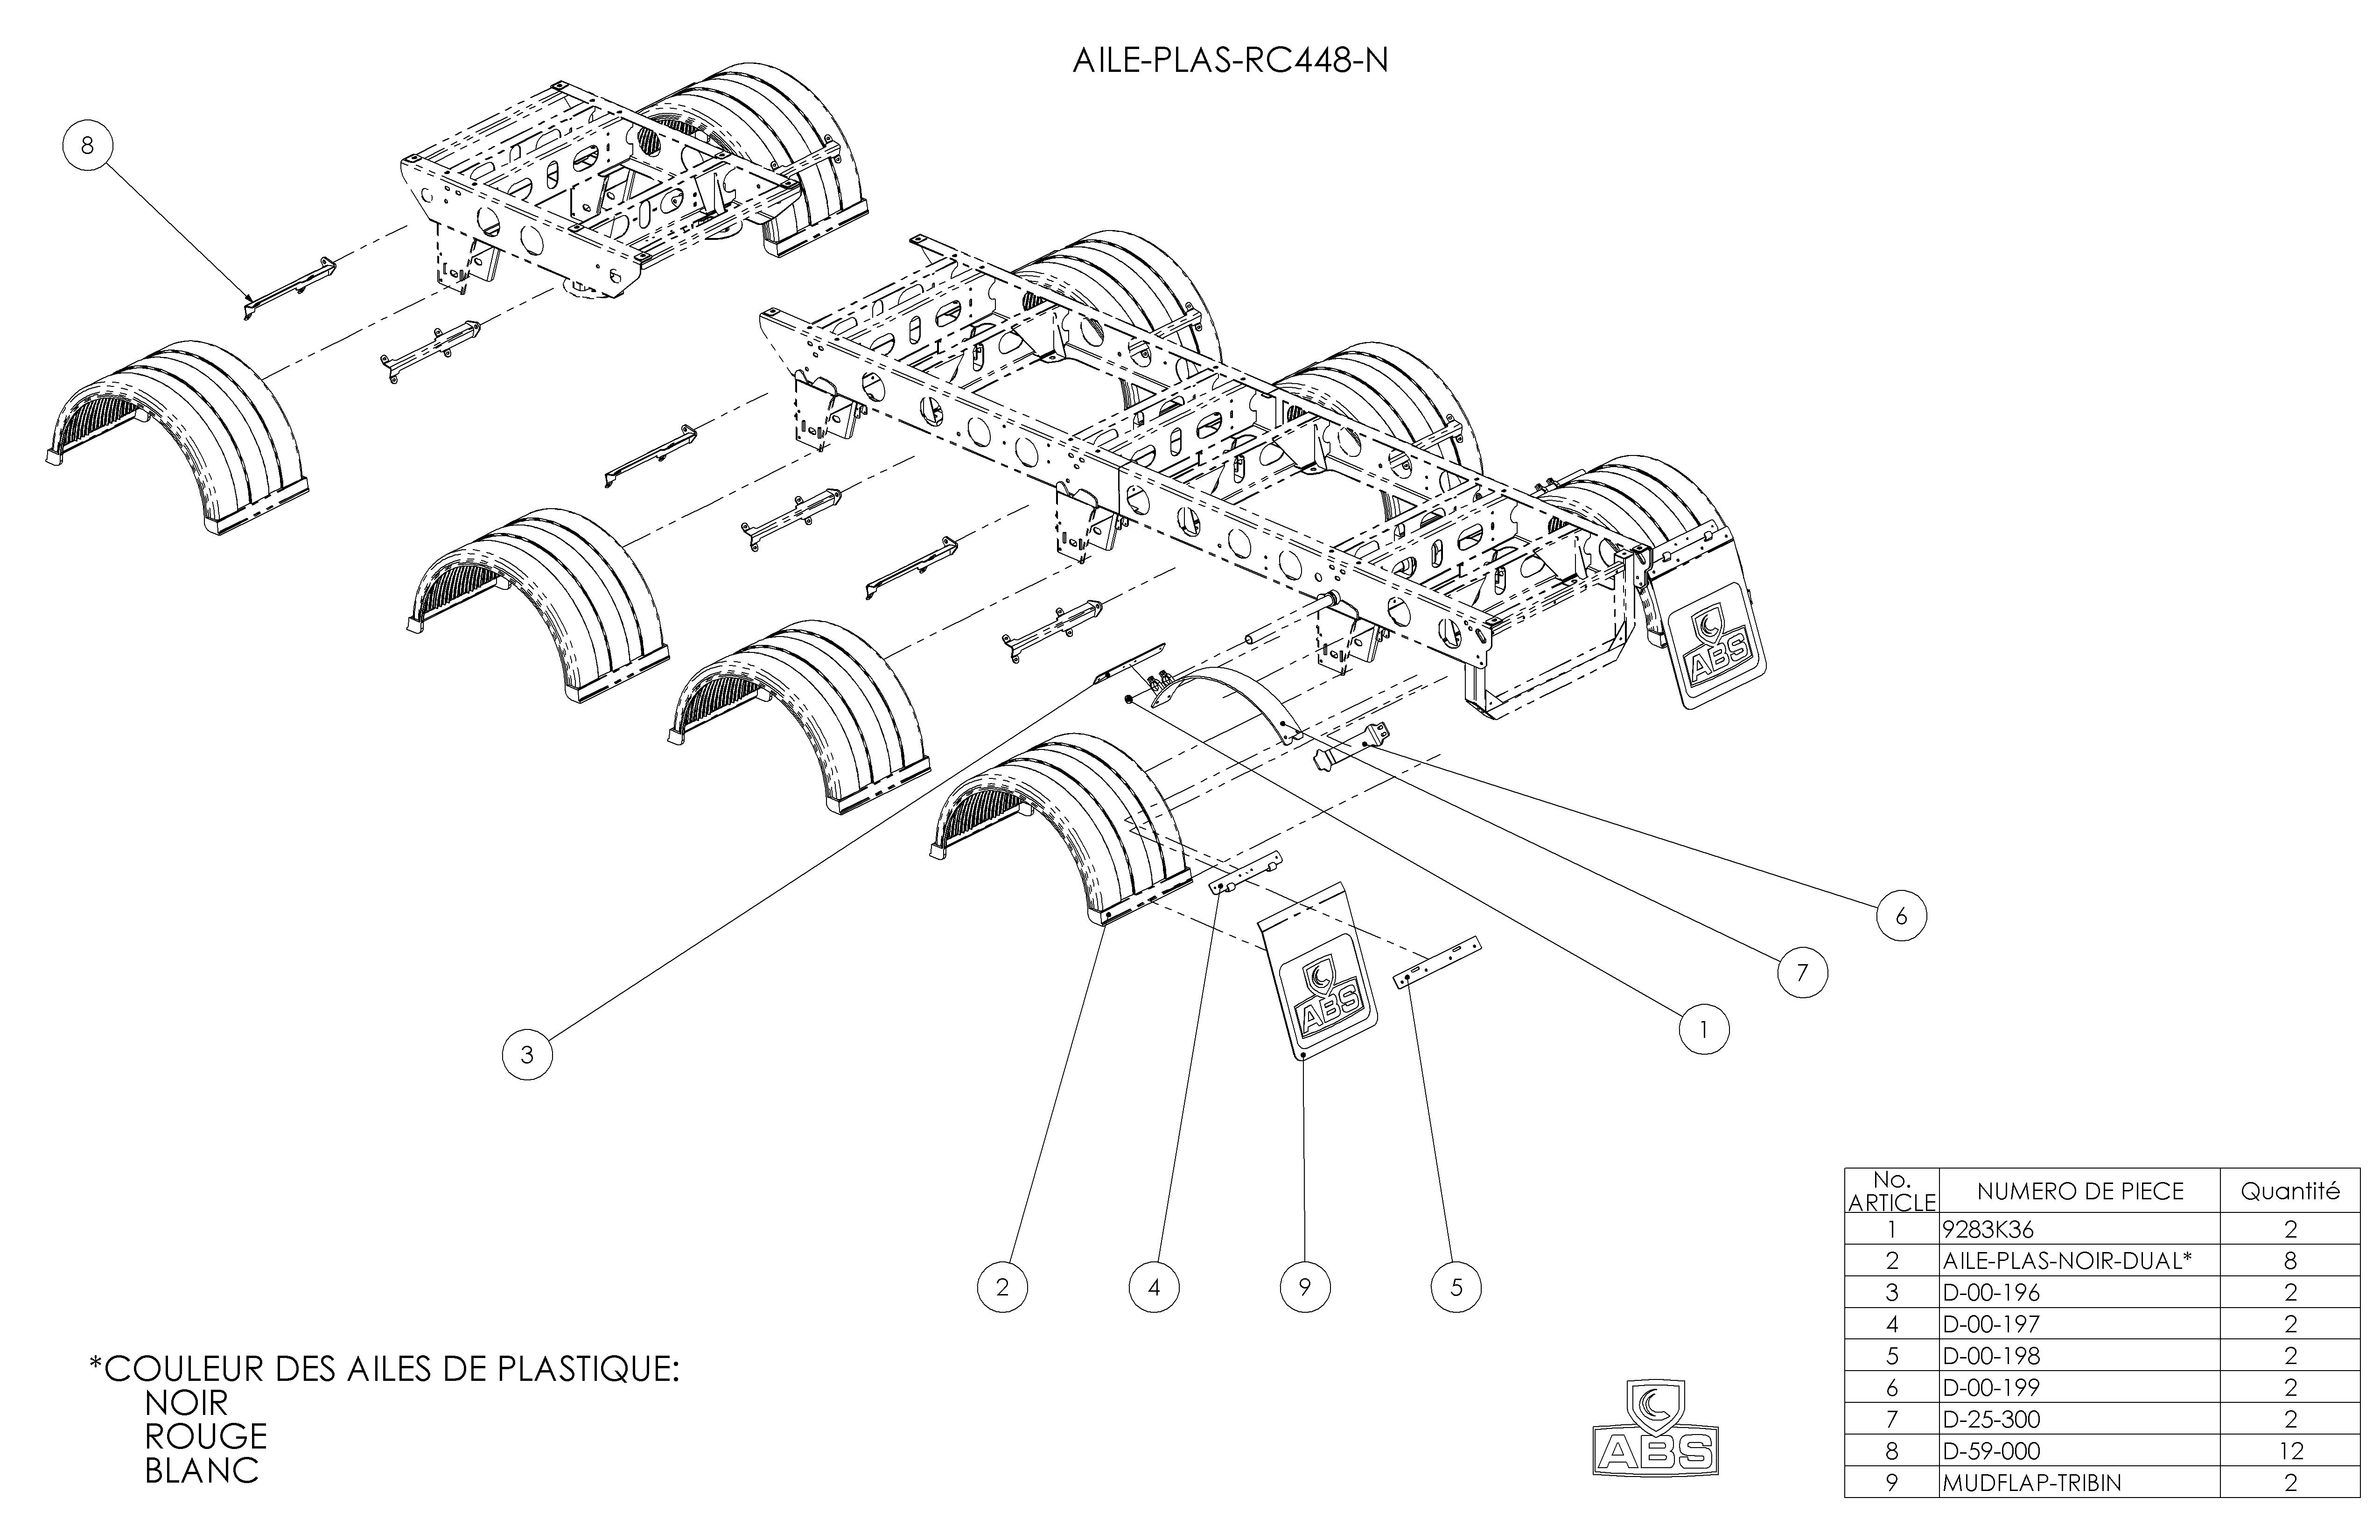 remorques-abs-fiche-technique-ailes-plastique-rc448-n